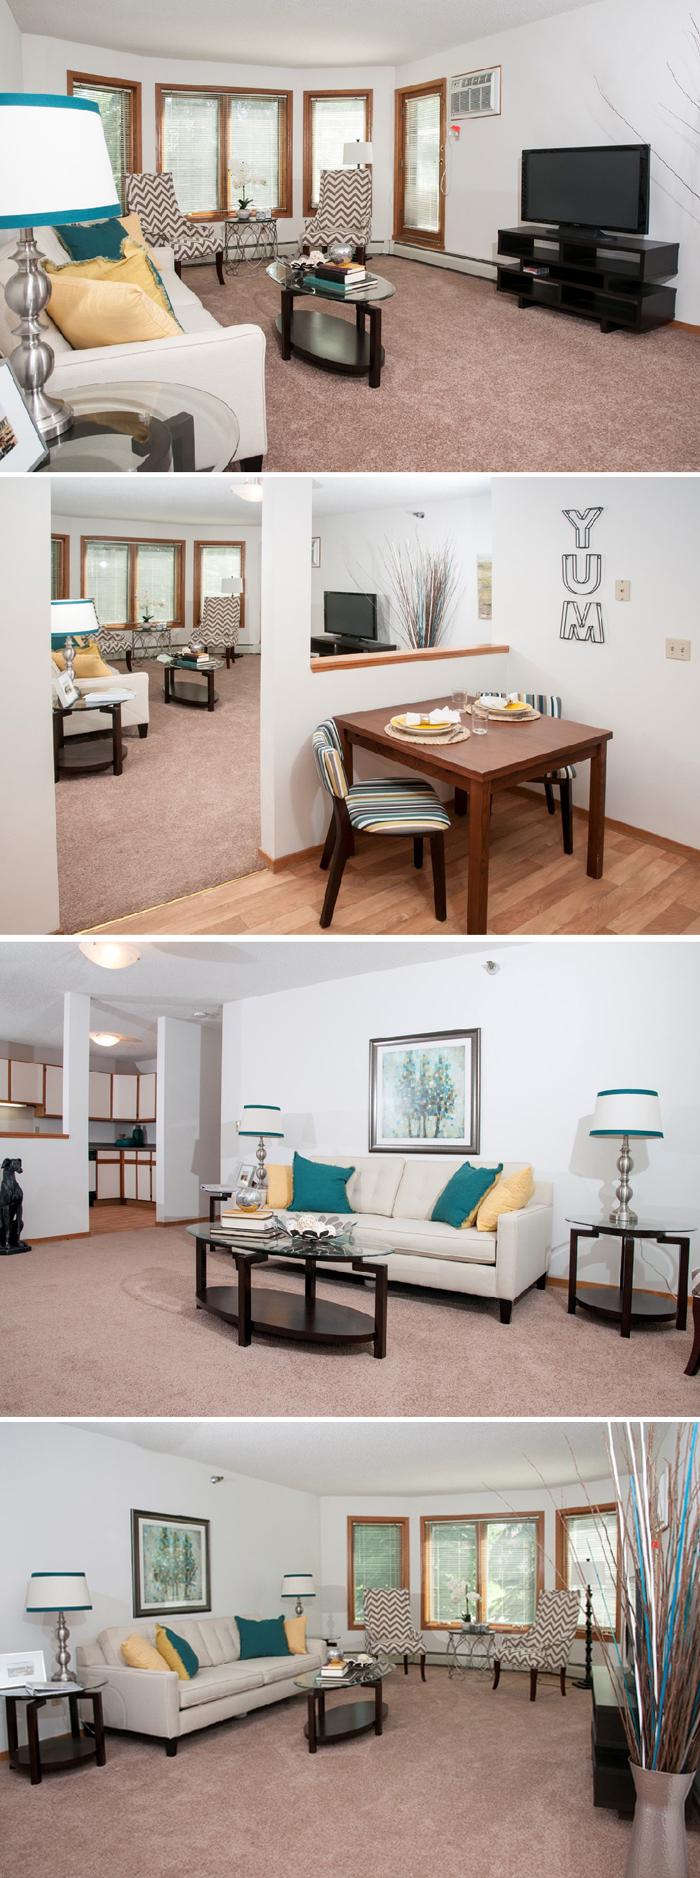 generic apartment